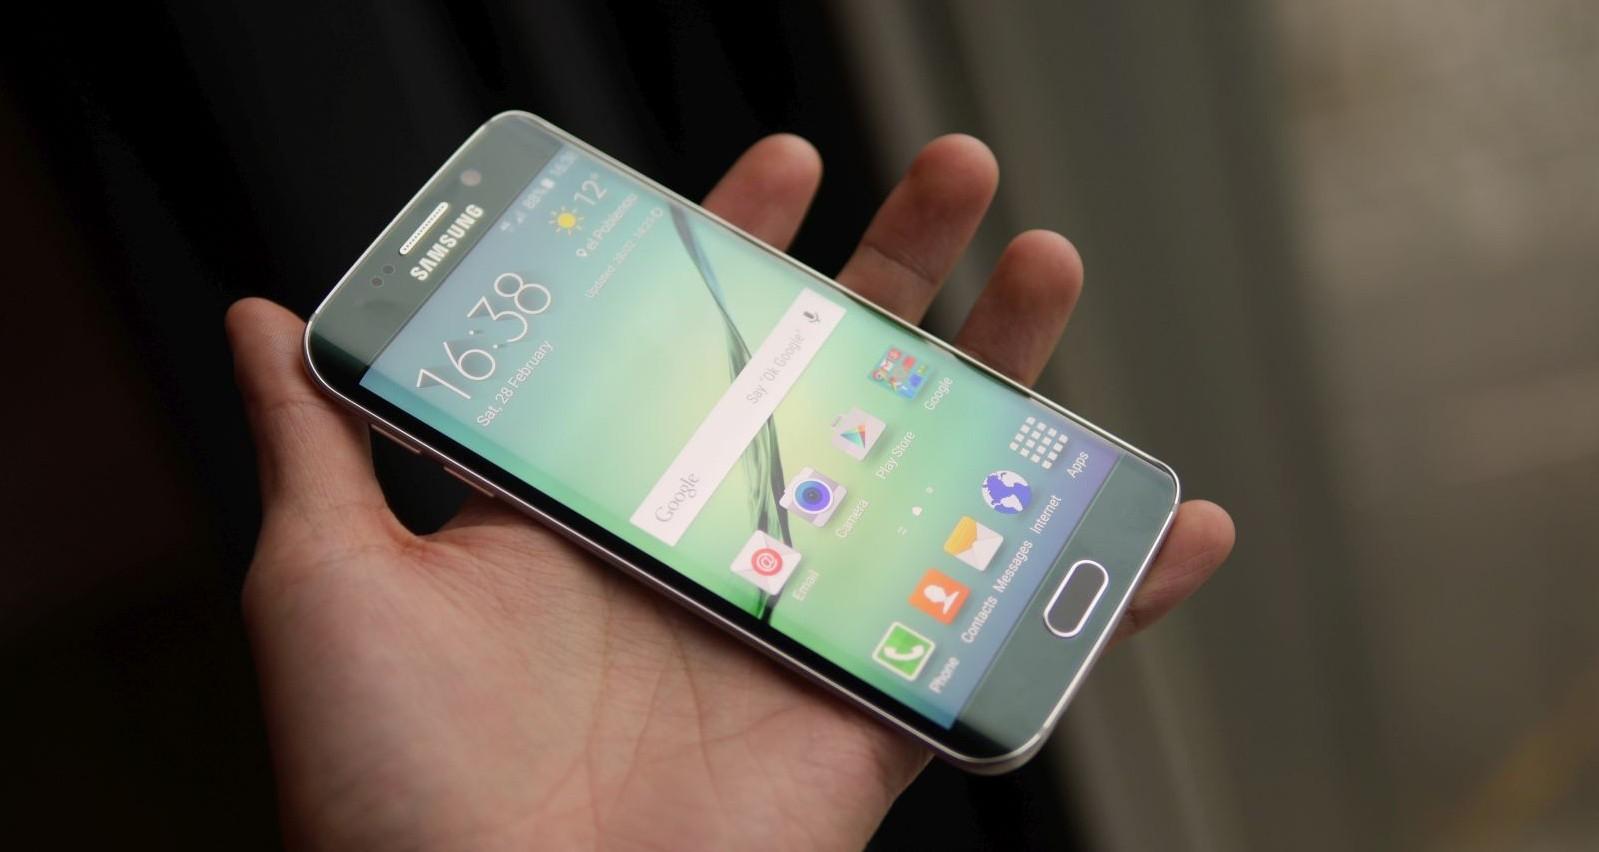 Cena nového Samsungu Galaxy S6/Edge nepríjemne prekvapí!